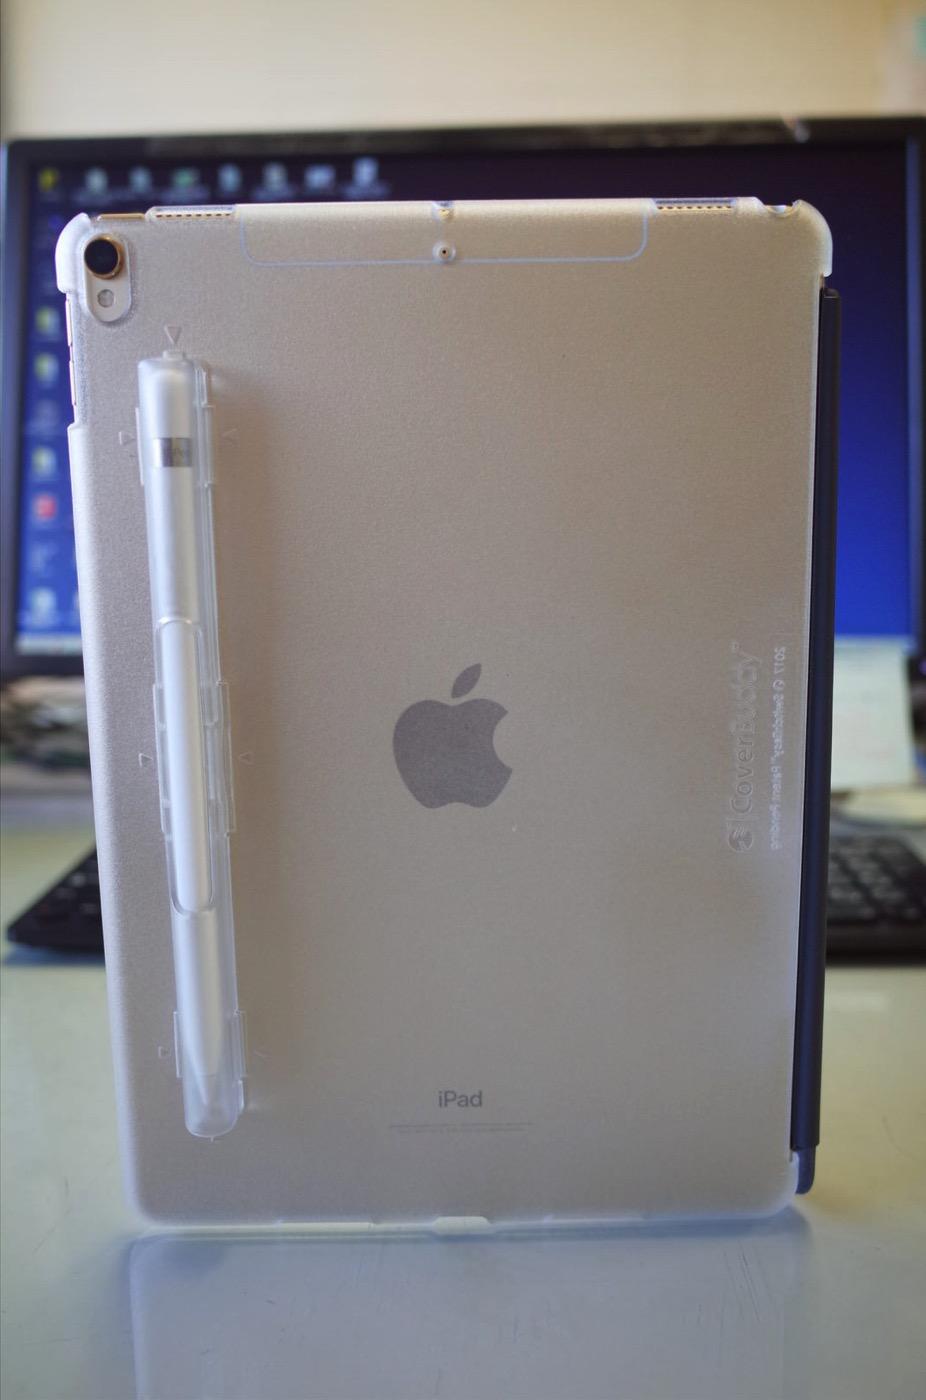 iPad Pro 10.5 ケース SwitchEasy CoverBuddy ハード バック カバー Apple Pencil 収納付き 純正 スマートキーボード 対応-12